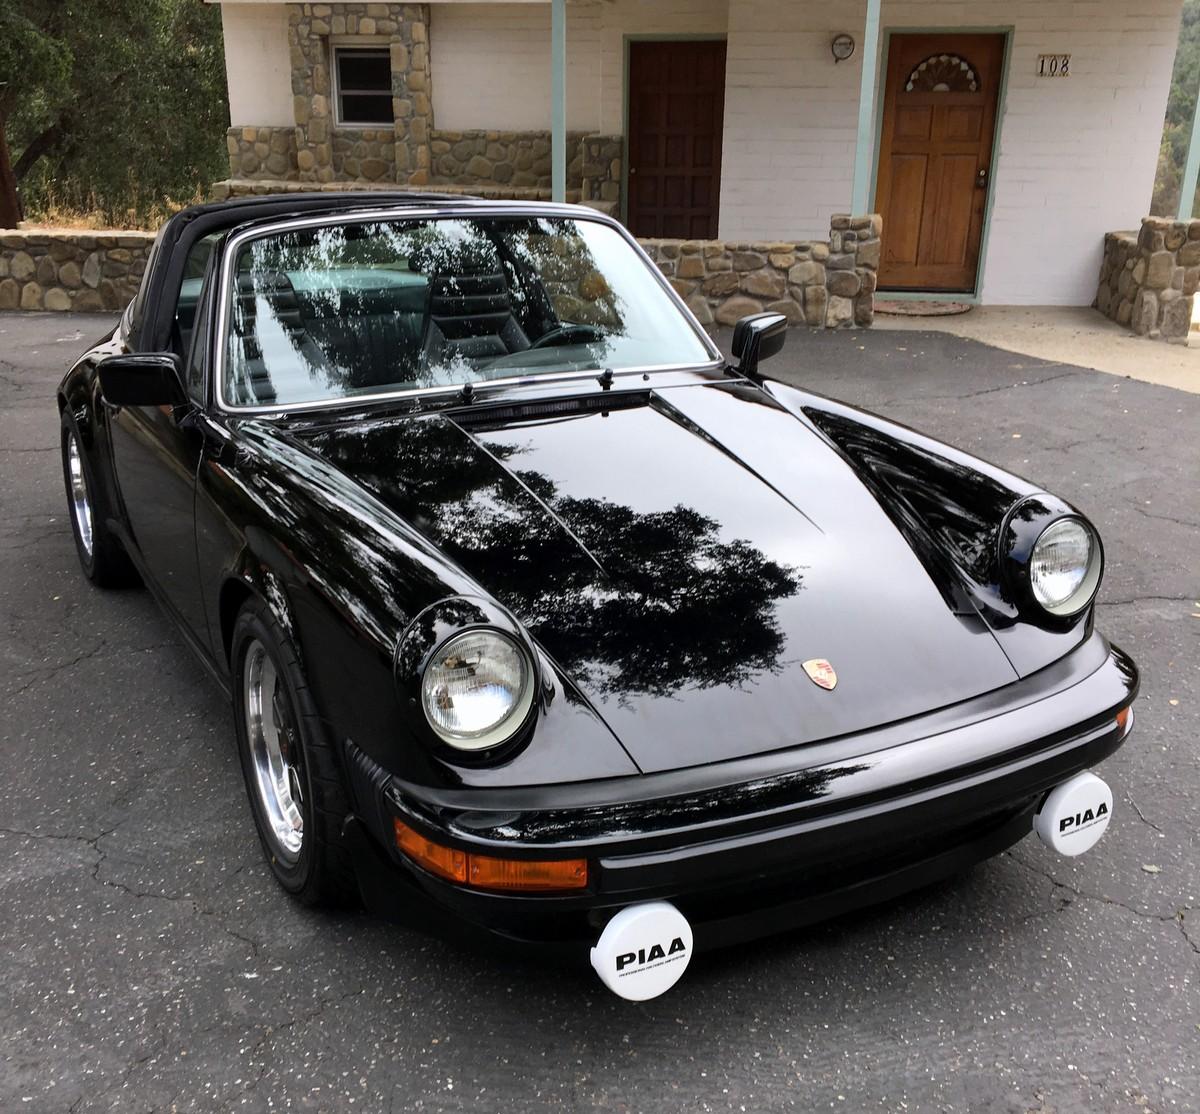 Porsche Experience Center >> SOLD: 1978 Porsche 911 SC Targa - Scott Grundfor Company - Classic Collectible Mercedes Benz Cars